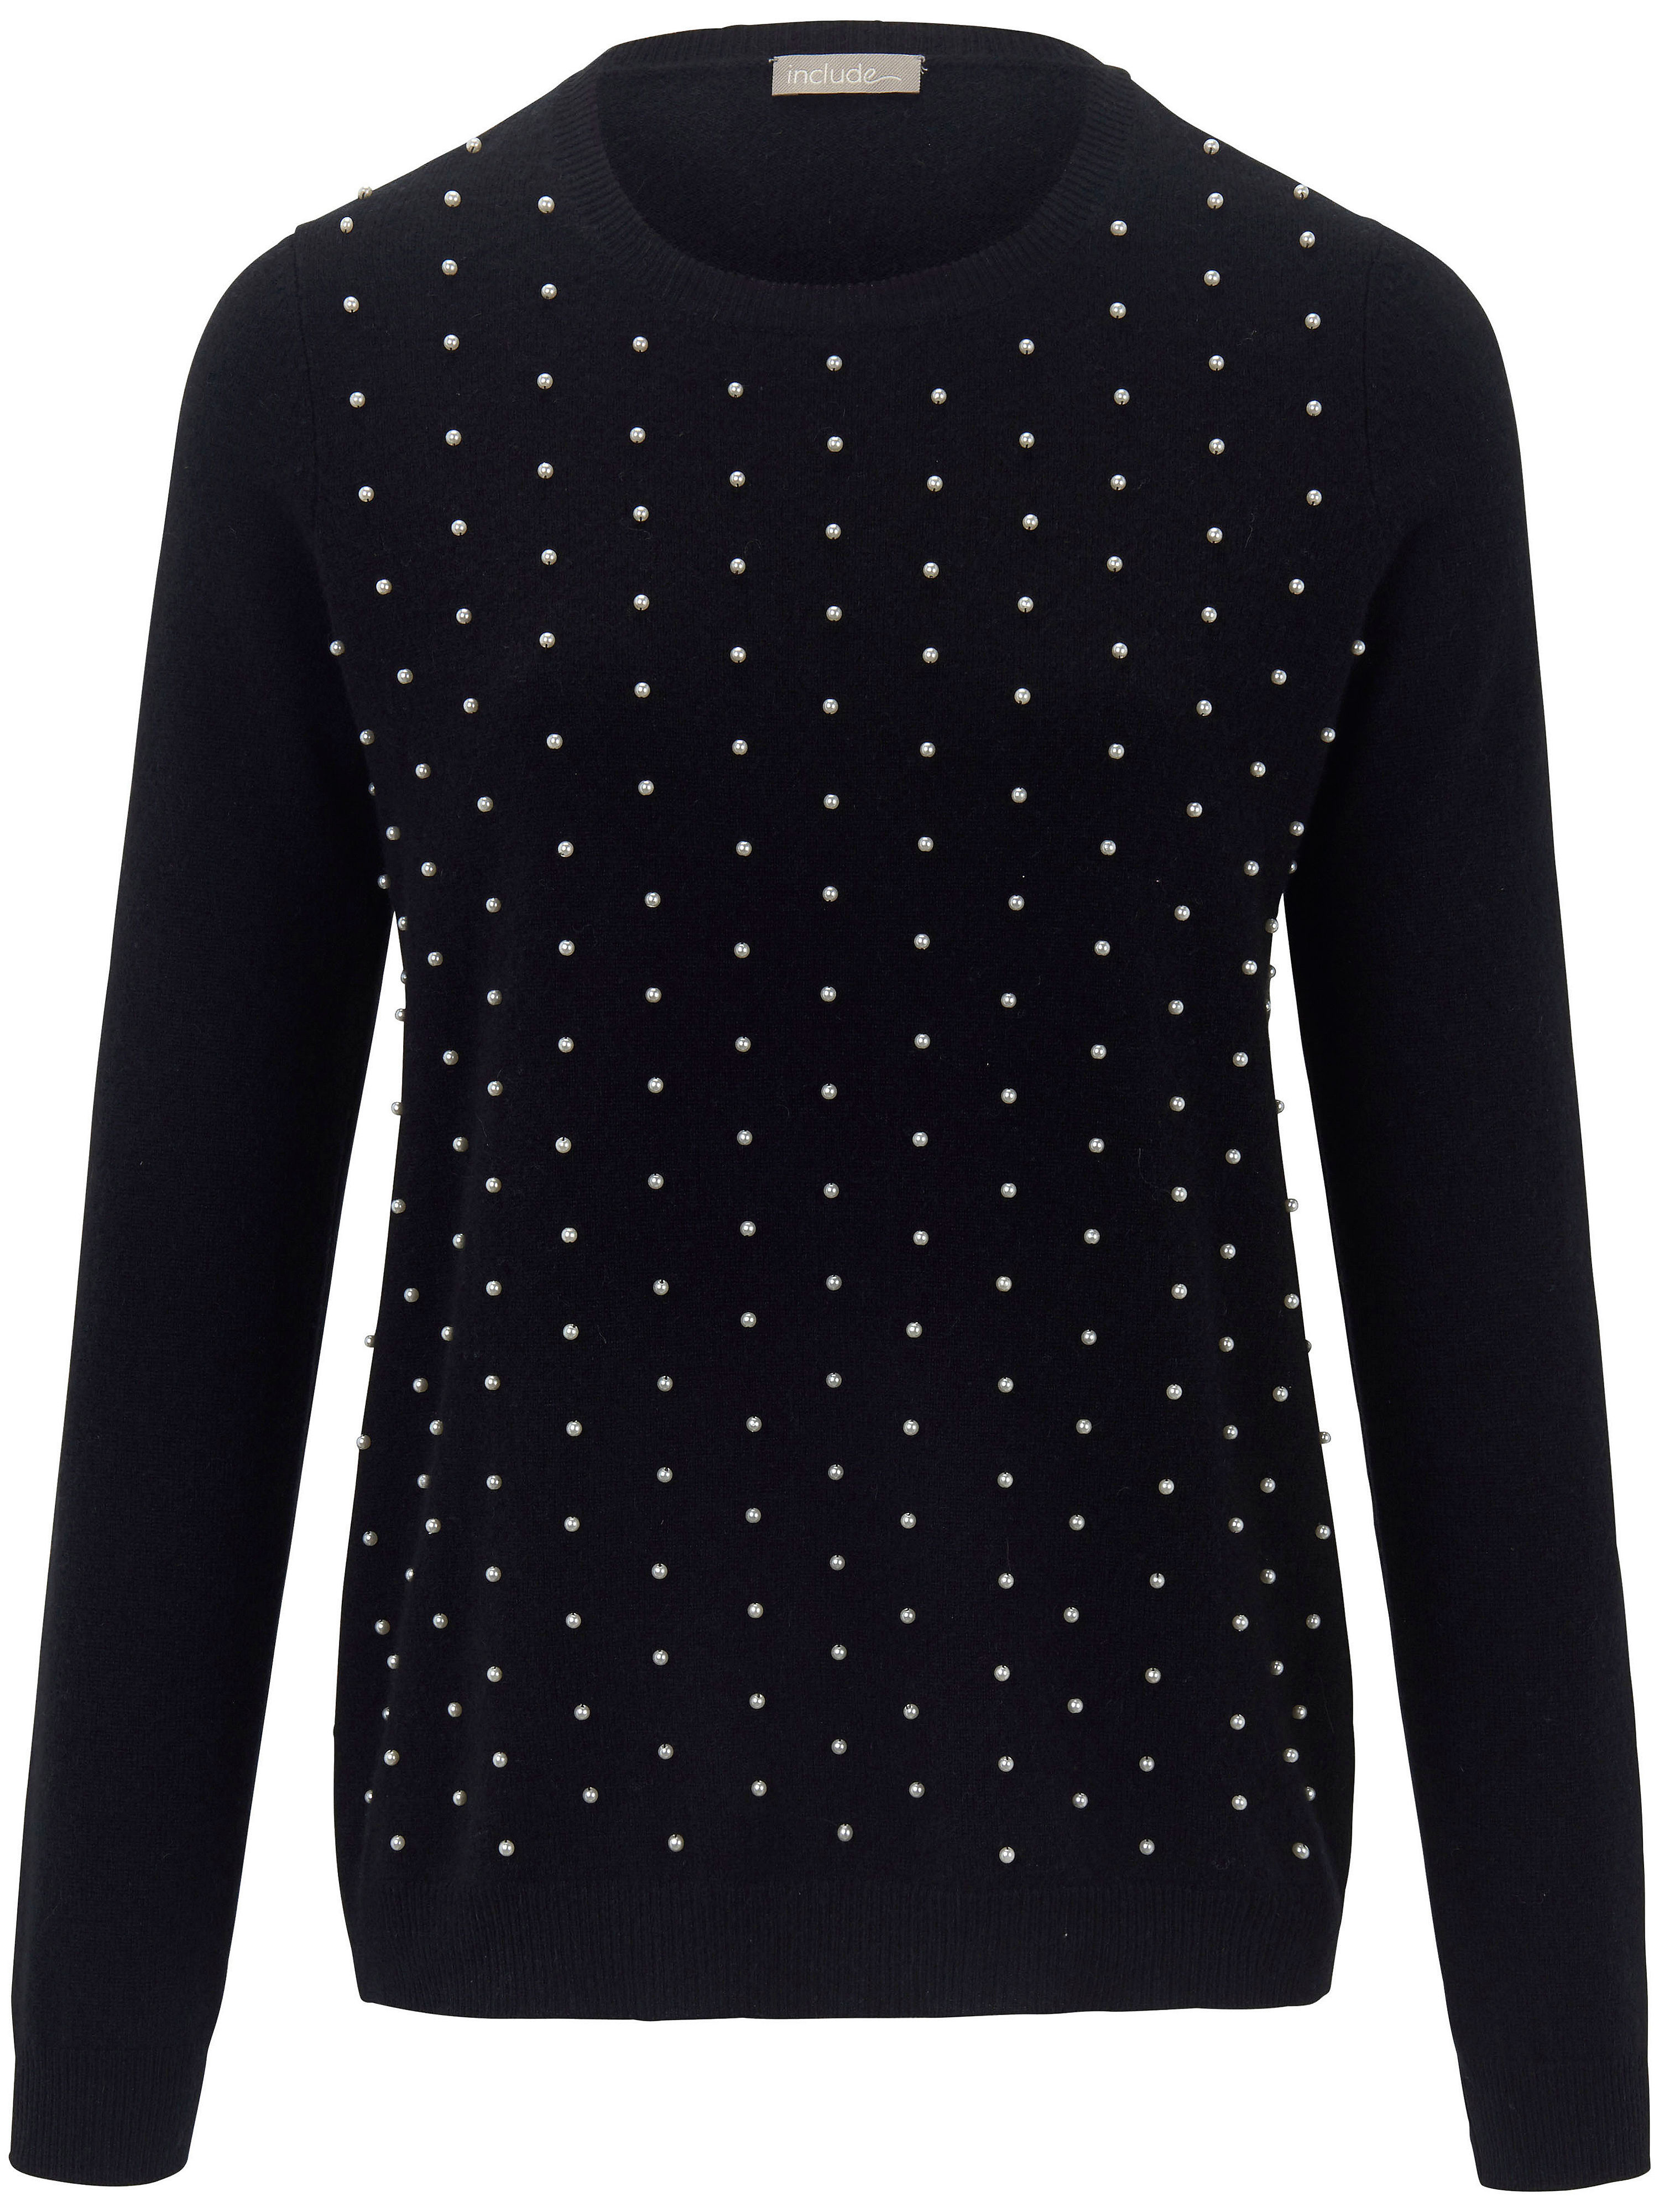 e59baa3e16528 Rundhals-Pullover aus100% Kaschmir include schwarz günstig online kaufen